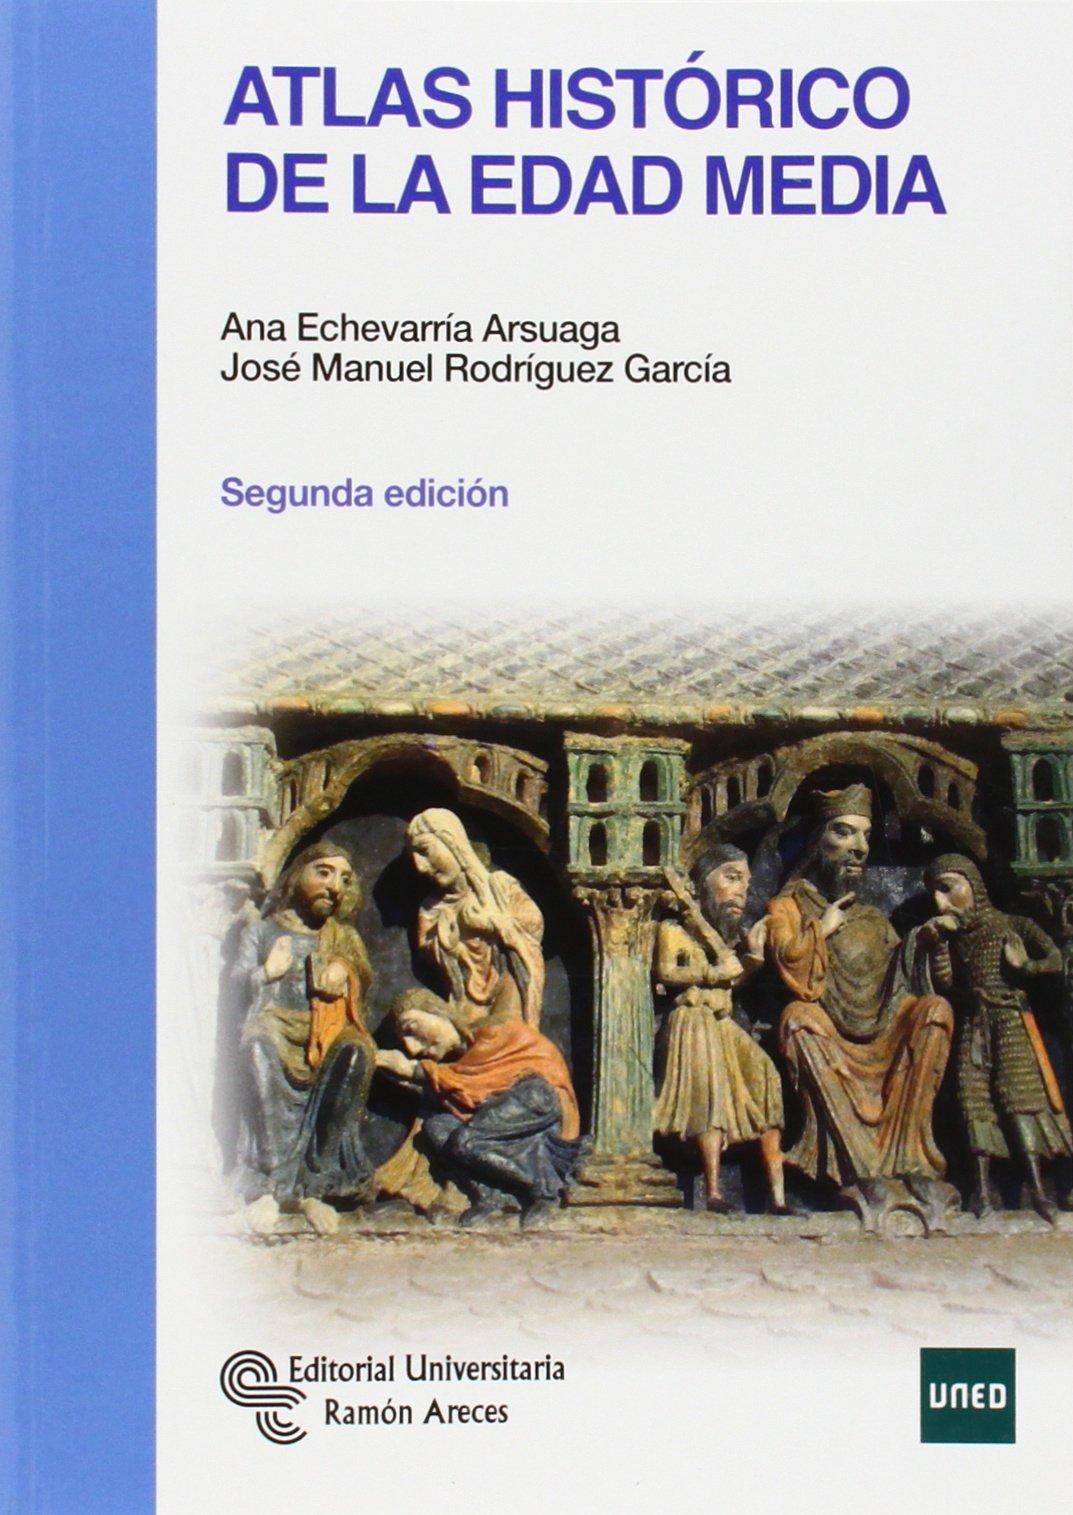 Atlas histórico de la Edad Media (Manuales): Amazon.es: Echevarría Arsuaga, Ana, Rodríguez García, José Manuel: Libros